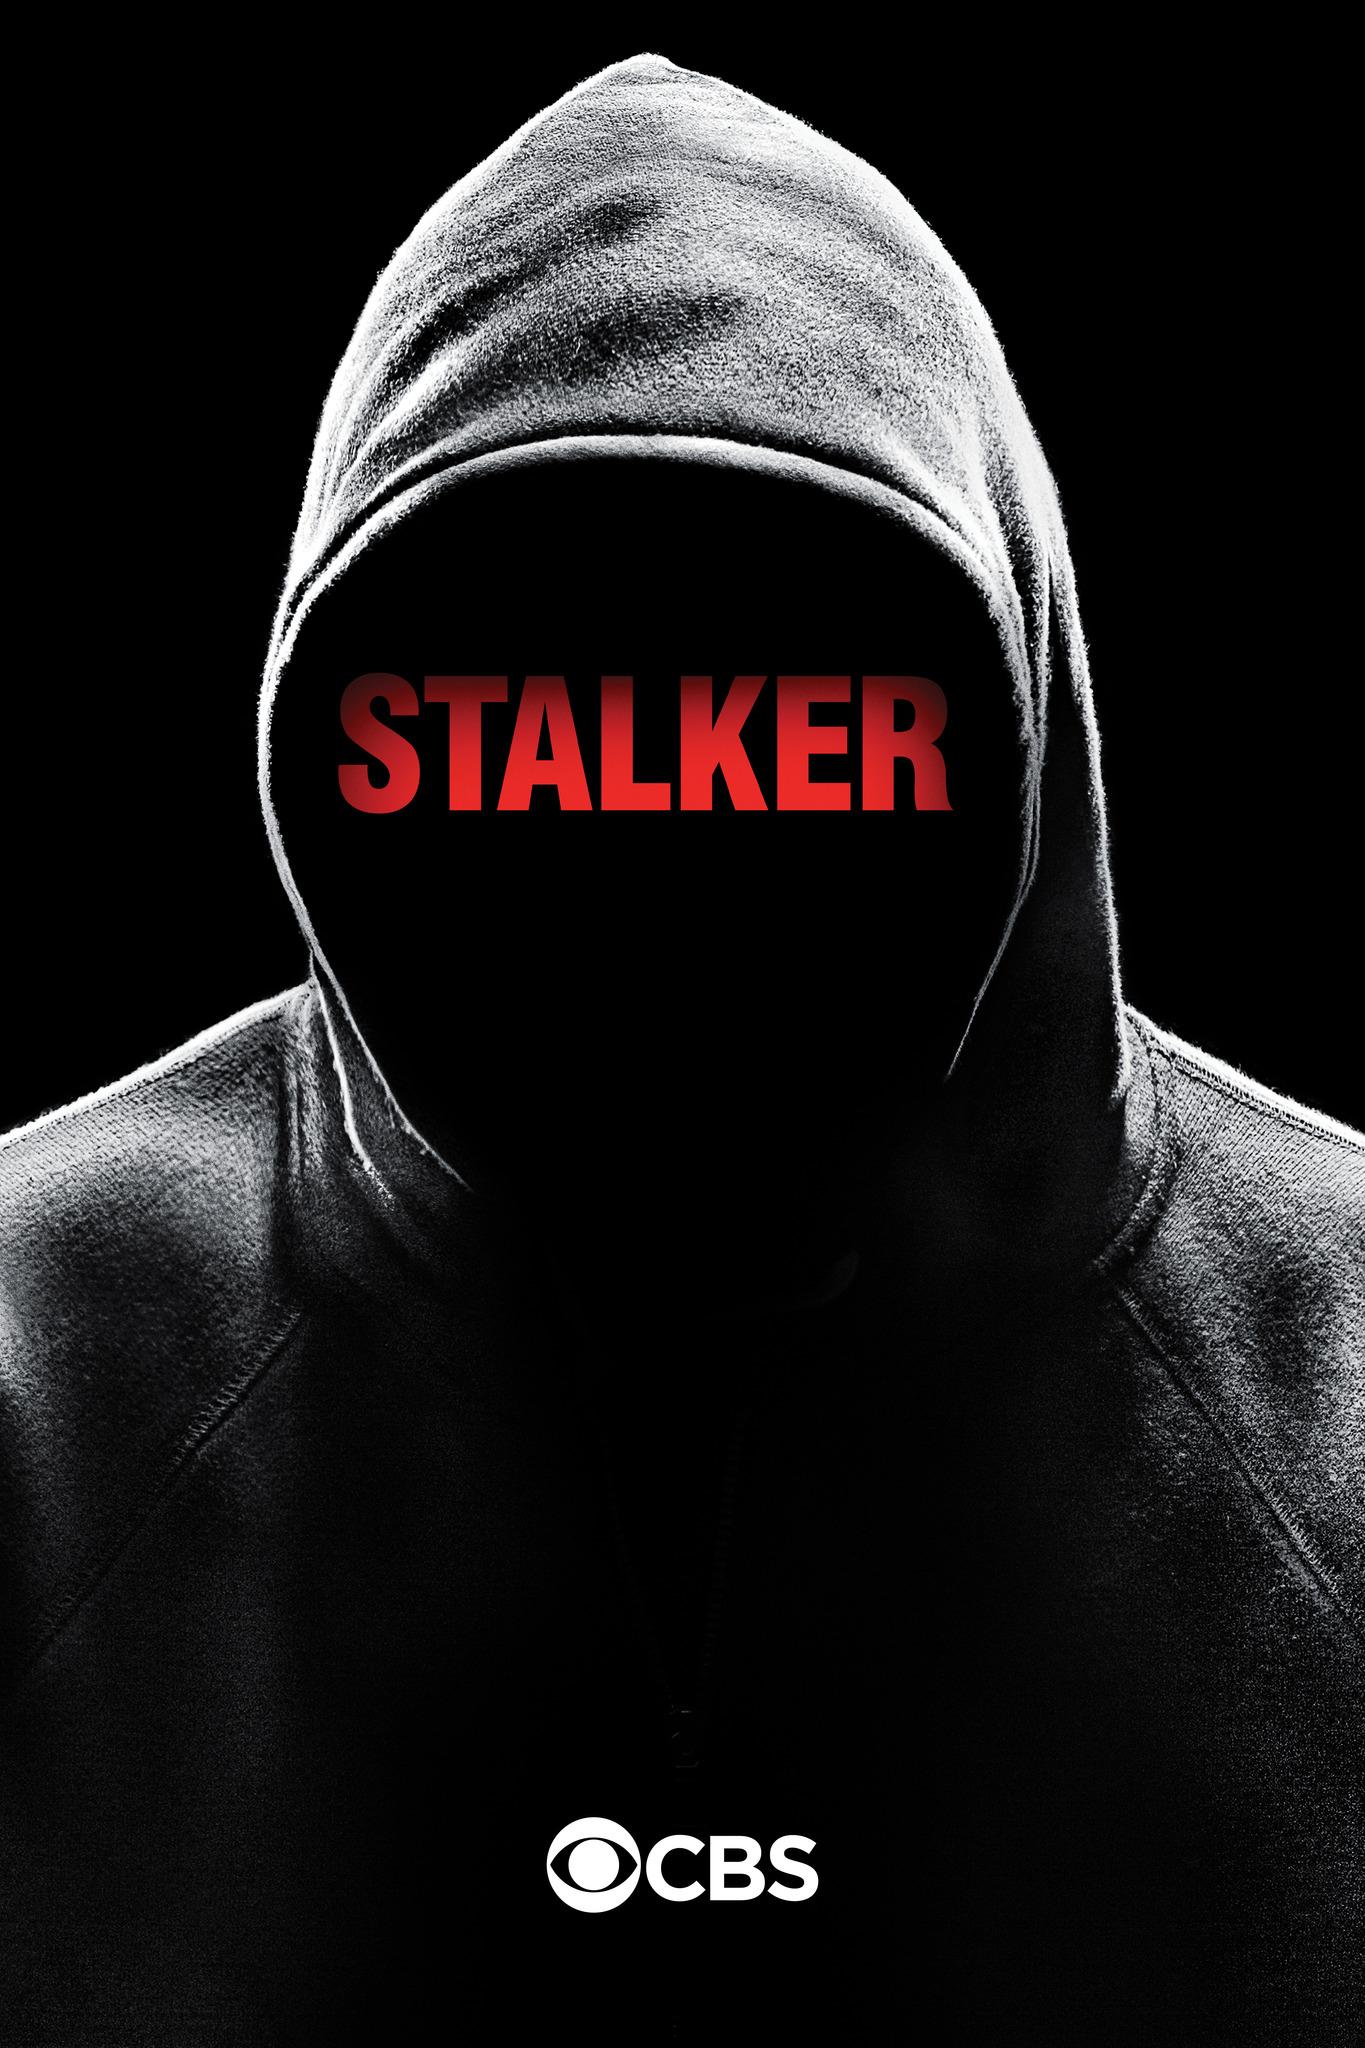 Image result for stalker cbs